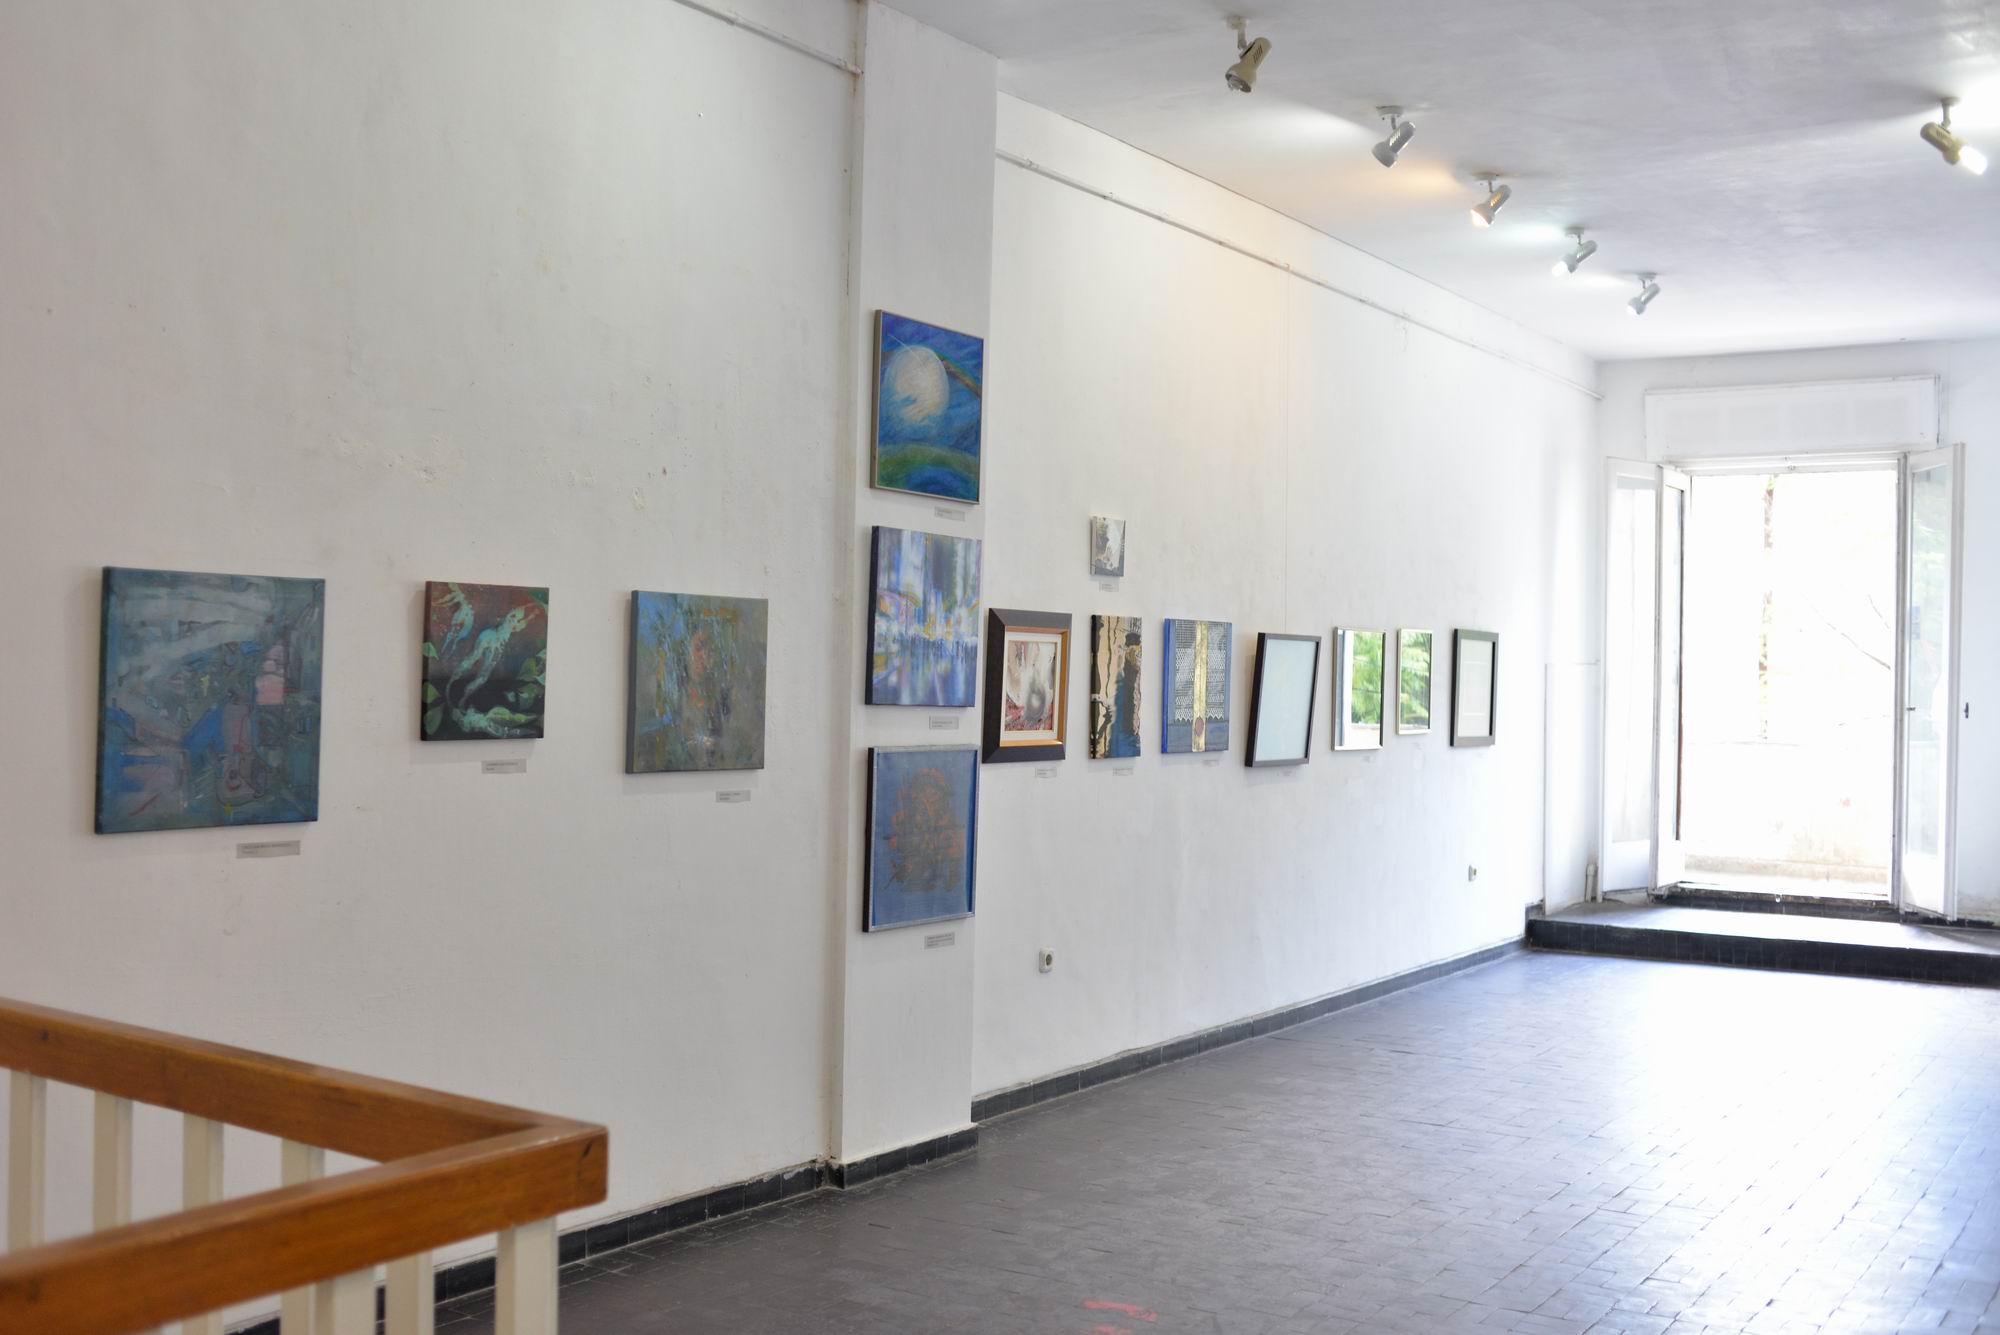 salonul mic bucuresti 2016 LM_0023